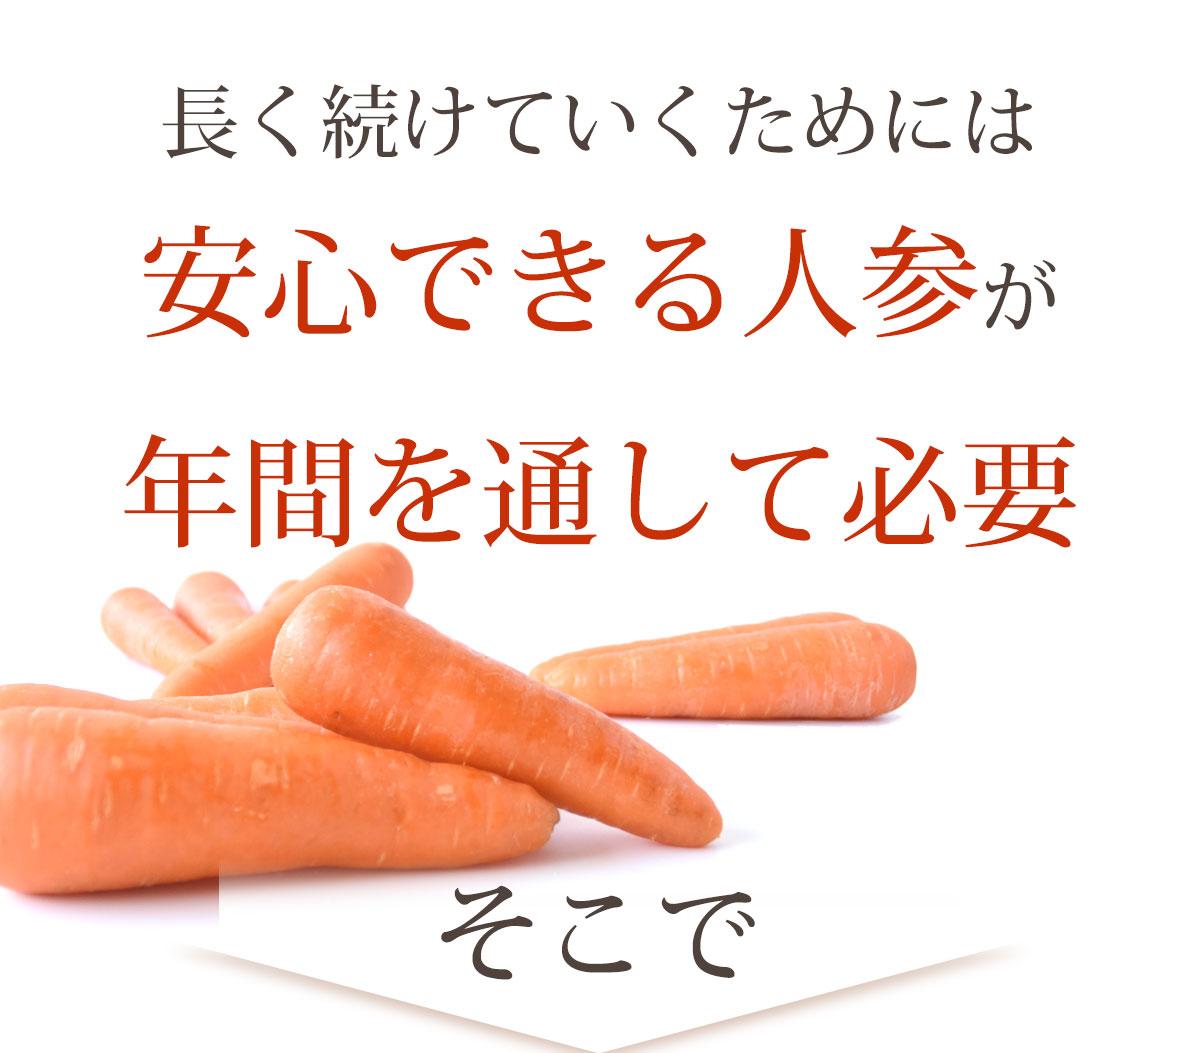 無農薬にんじん 5kg 【訳あり】【無農薬栽培】【にんじんジュース】【送料無料】【人参】